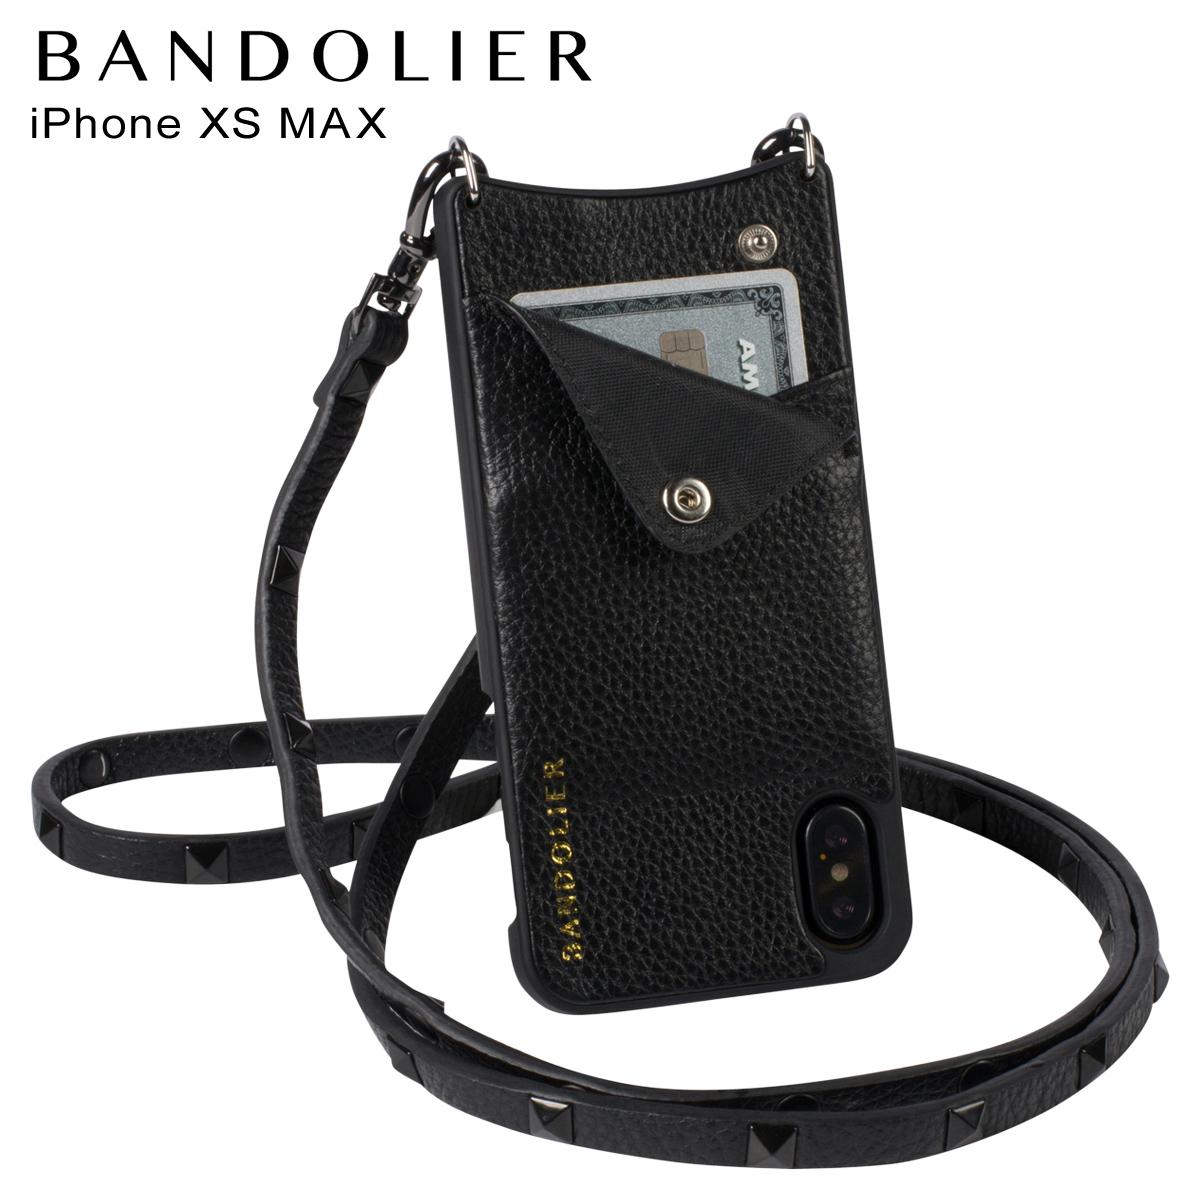 バンドリヤー BANDOLIER iPhone XS MAX ケース ショルダー スマホ アイフォン レザー SARAH BLACK メンズ レディース ブラック 10SAR1001 [予約商品 4月下旬頃入荷予定 再入荷]